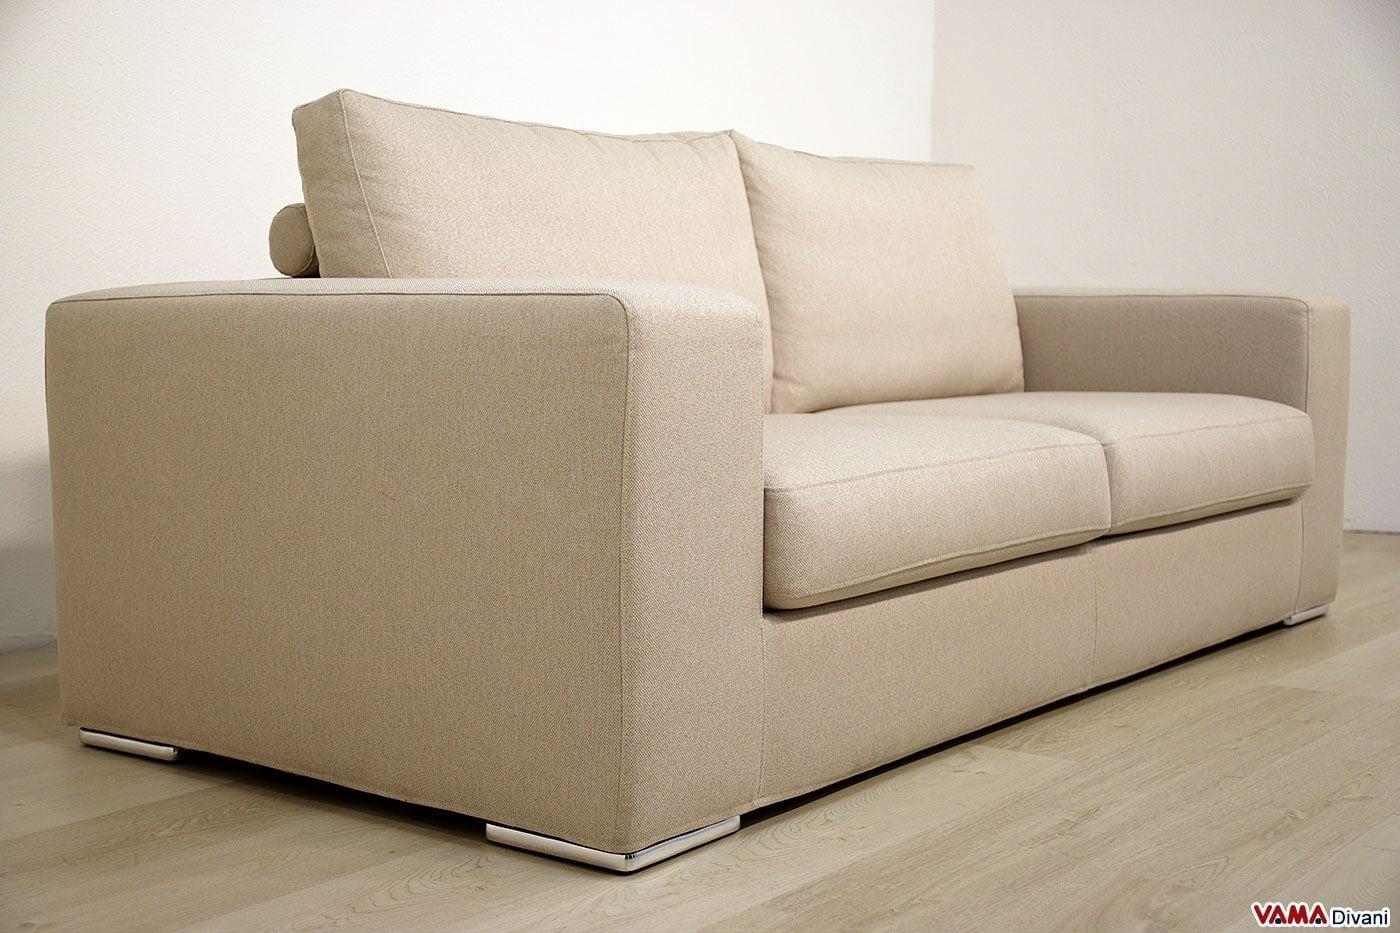 Divano moderno mercurio vama divani - Tessuto rivestimento divano ...